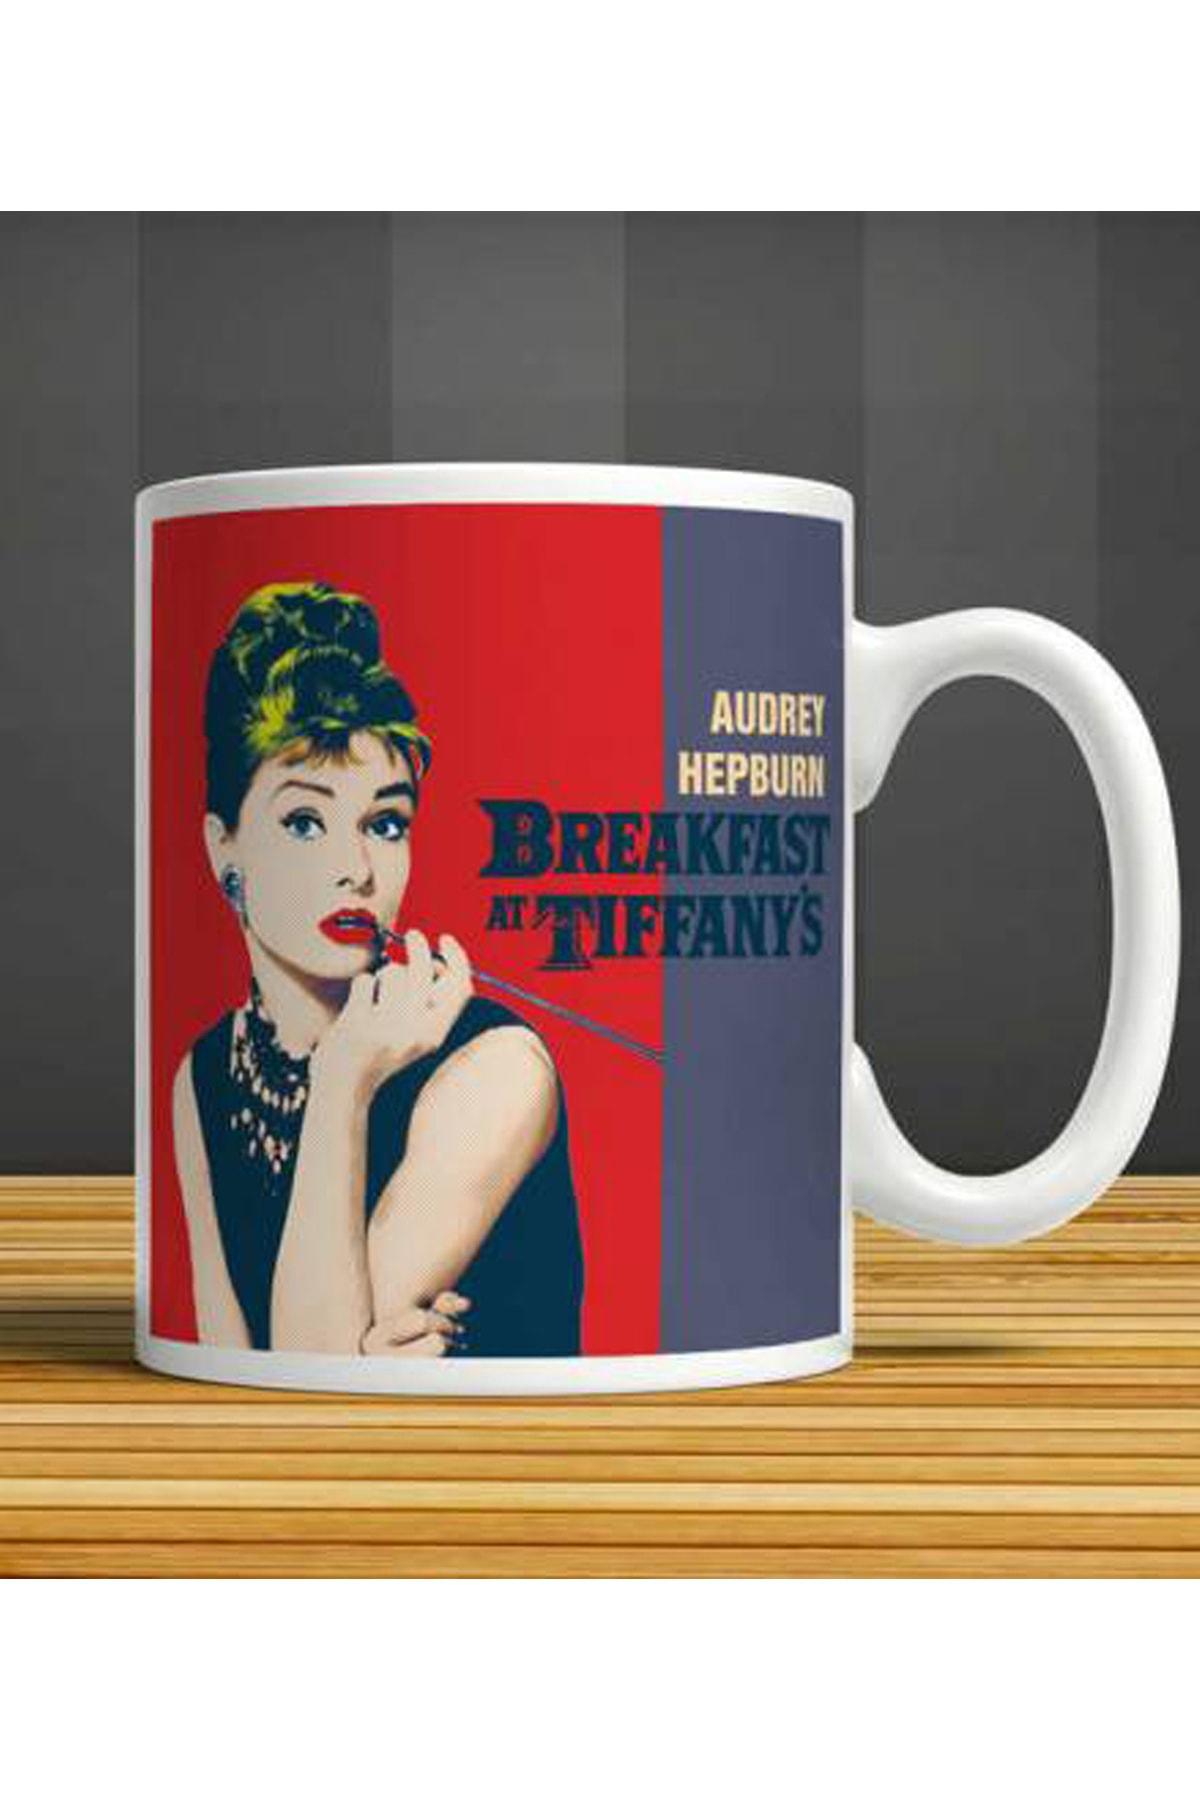 MET DESİGN Audrey Hepburn Breakfast Tiffany Porselen Kupa Bardak 1